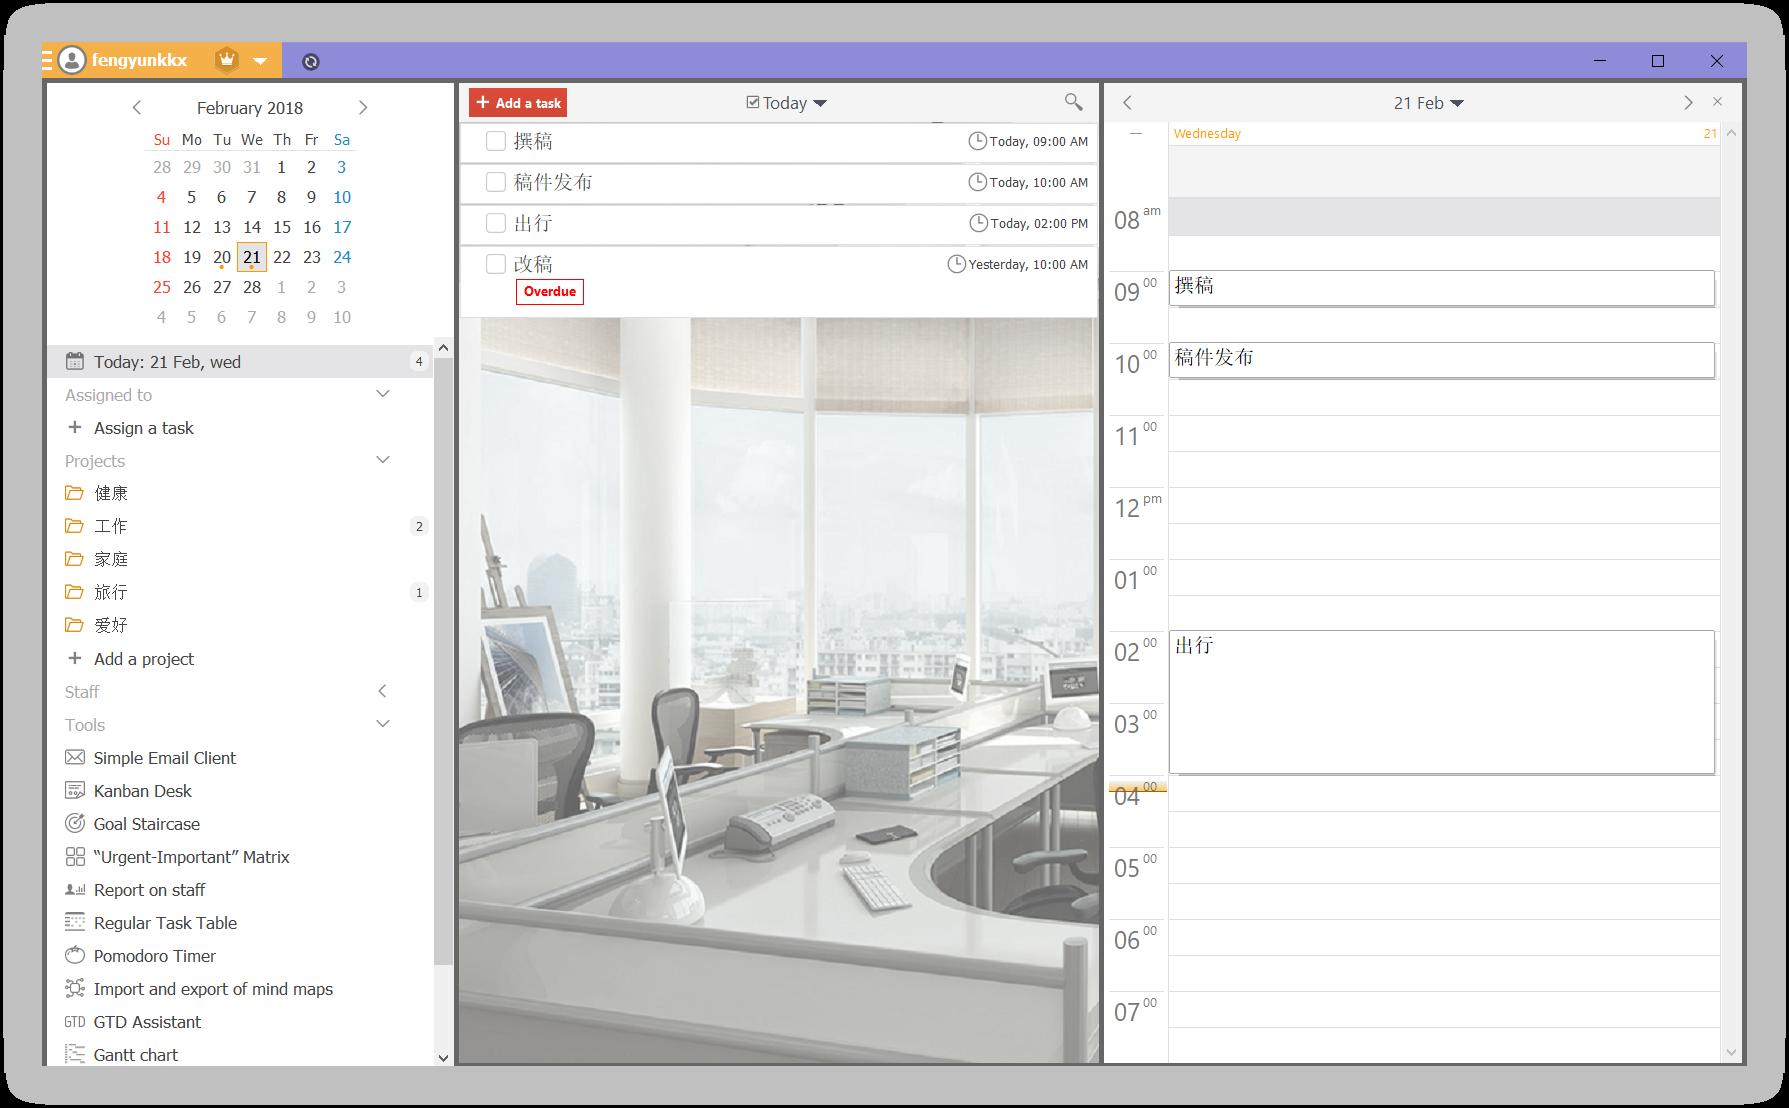 Windows 上的优秀任务日程管理软件:LeaderTask | App+1 [限免]